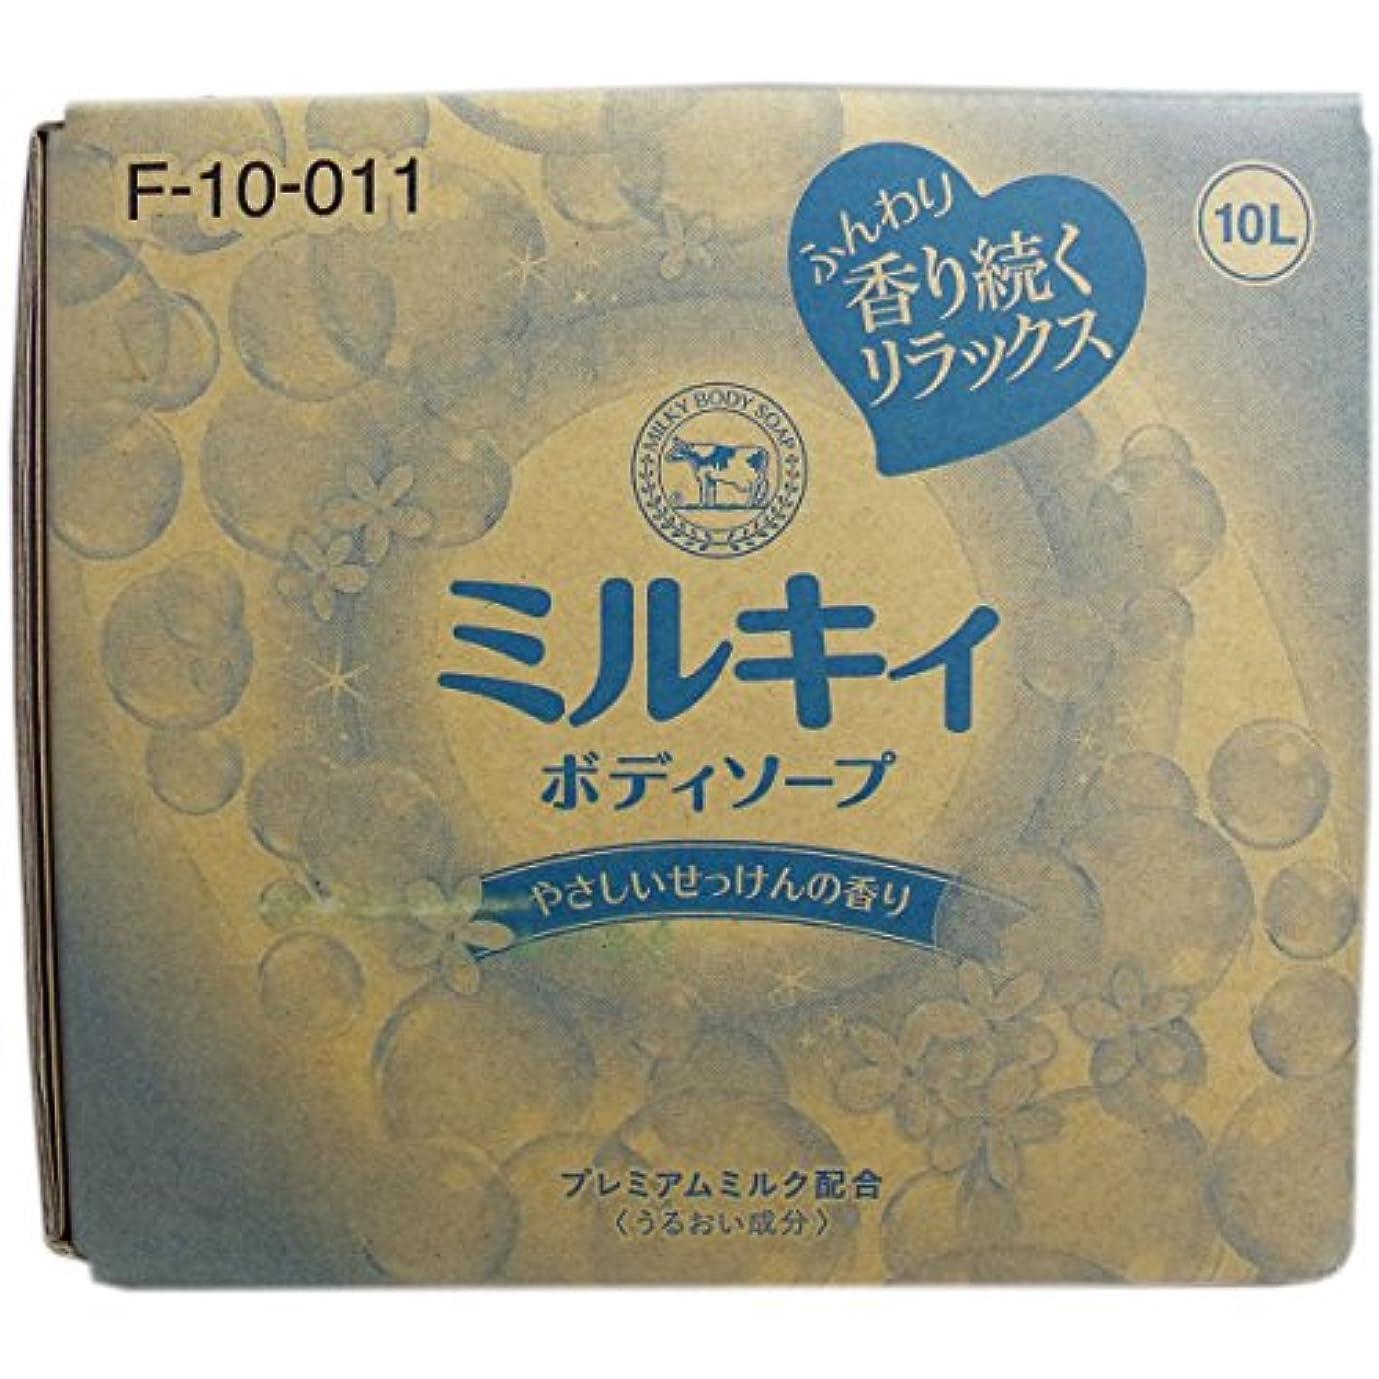 何よりもペッカディロ地区牛乳石鹸 ミルキィボディソープ ミルキィボディソープ 業務用 1個